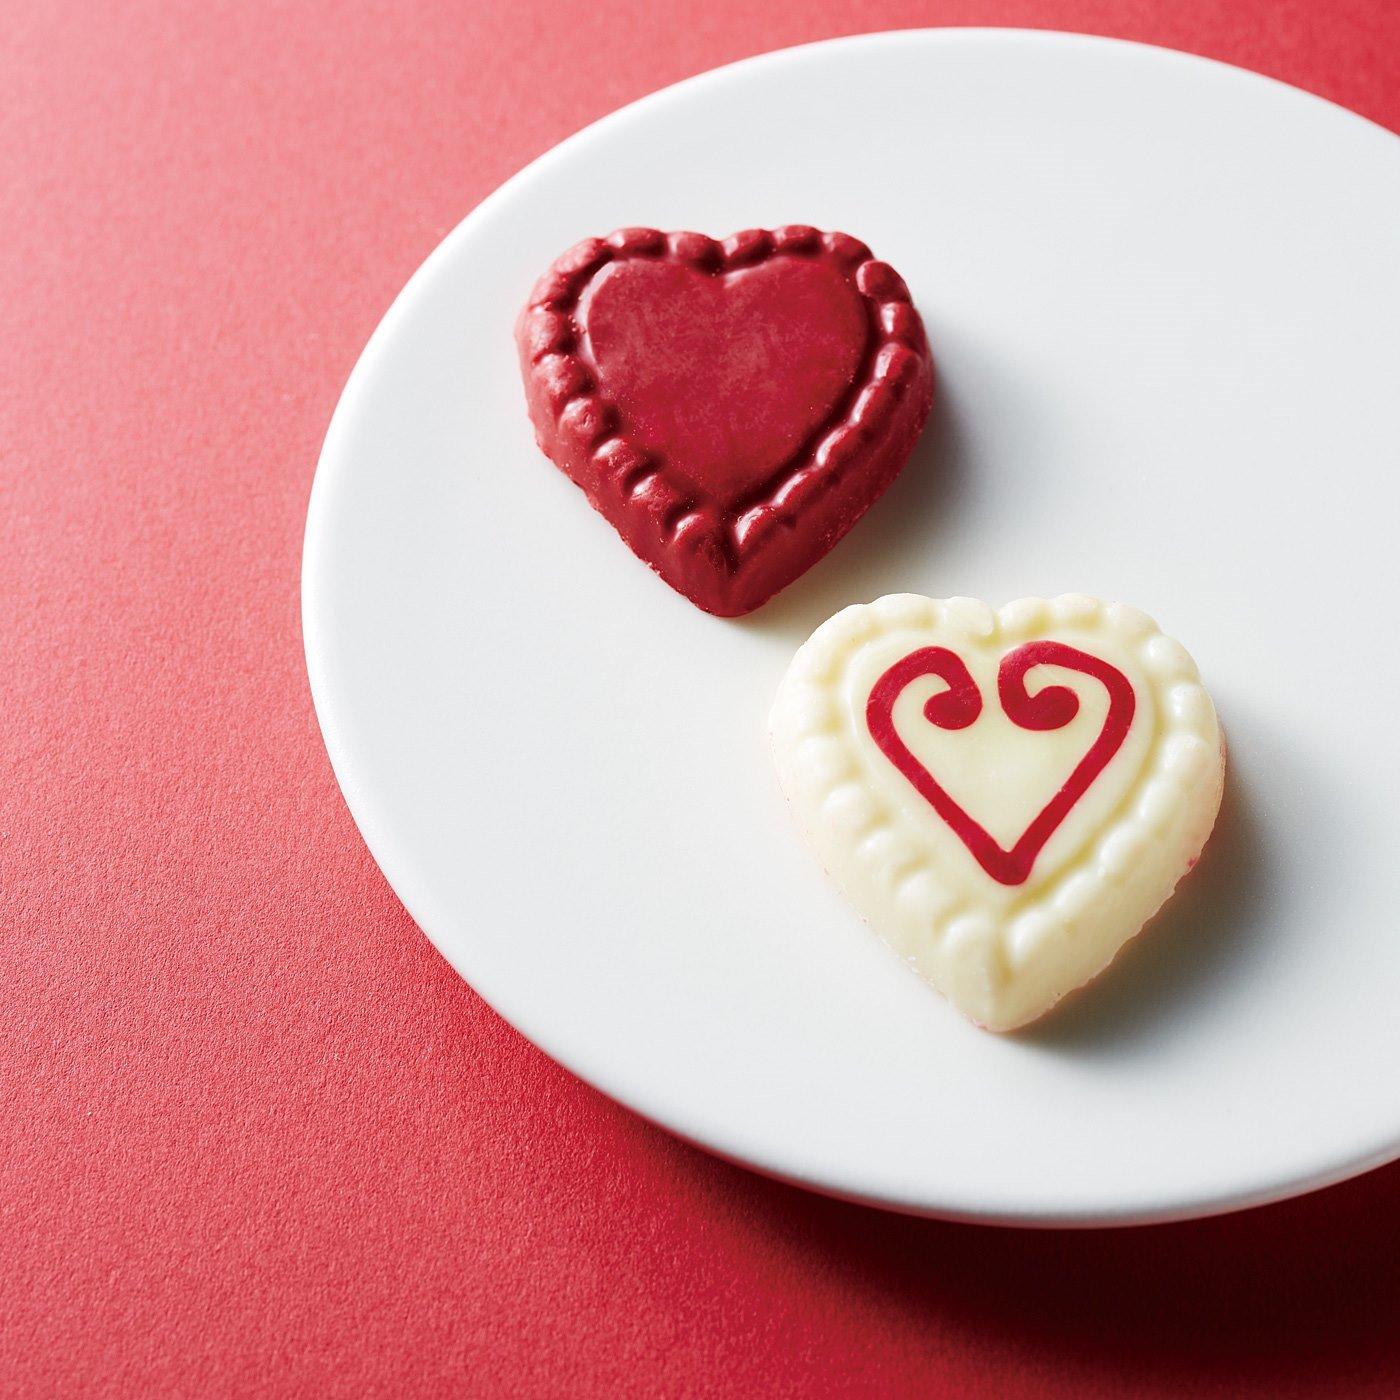 【3月お届け便】ブルスナチョコレート プチハートセット